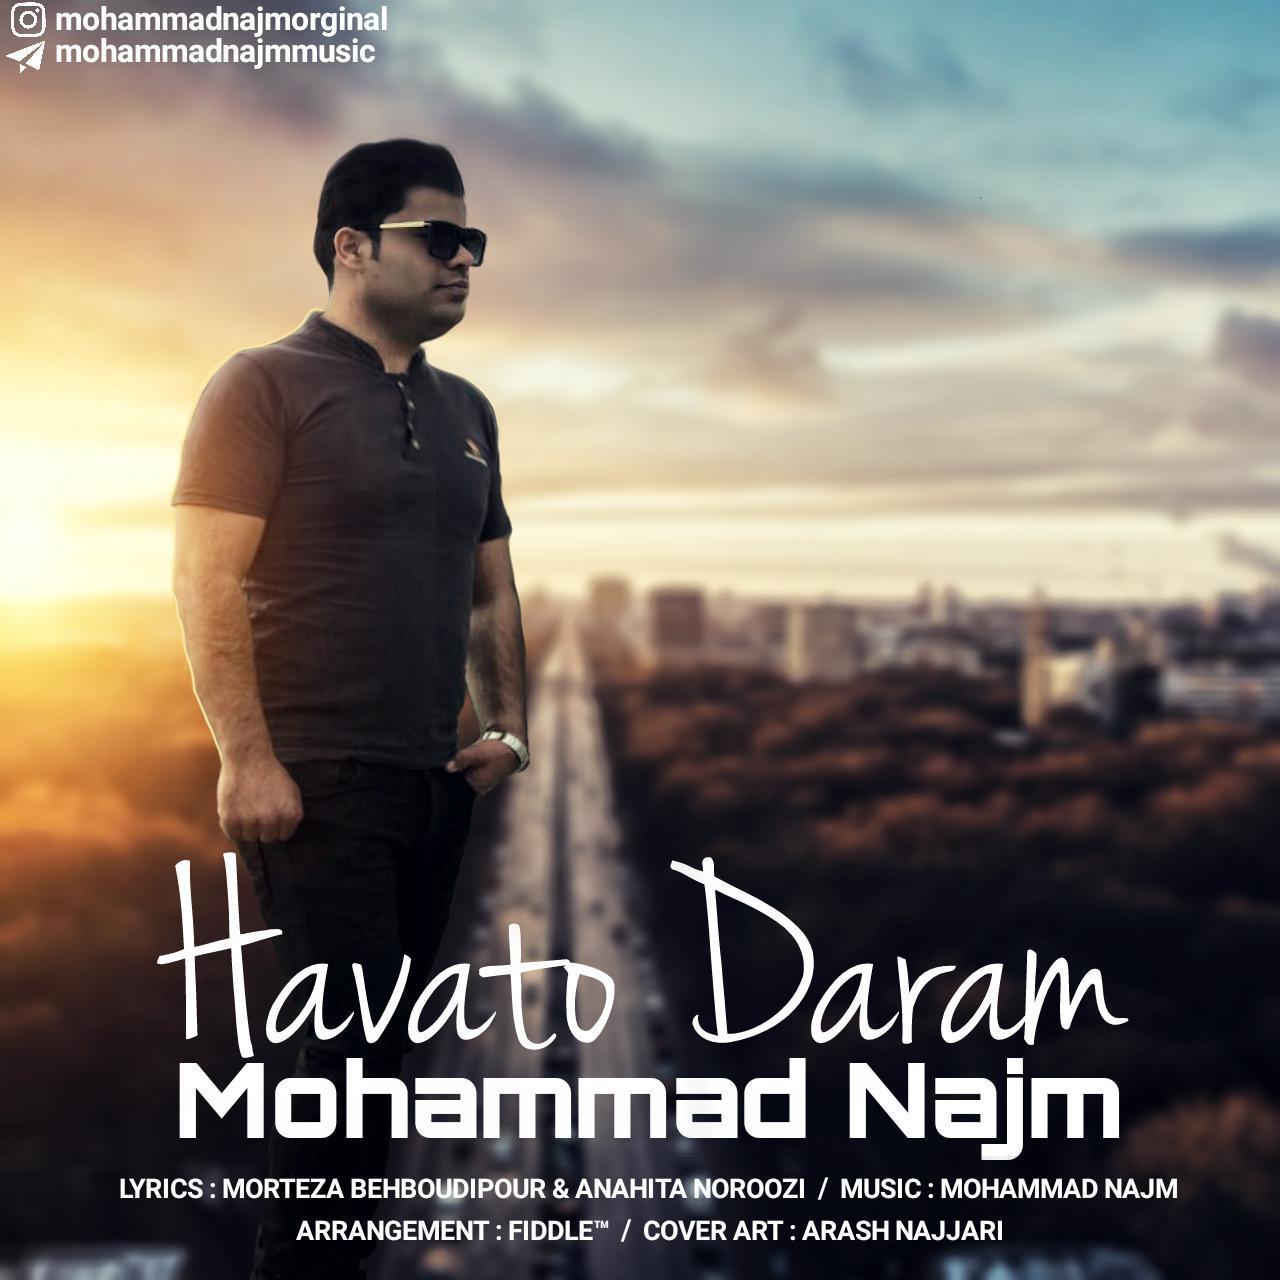 دانلود آهنگ جدید محمد نجم به نام هواتو دارم